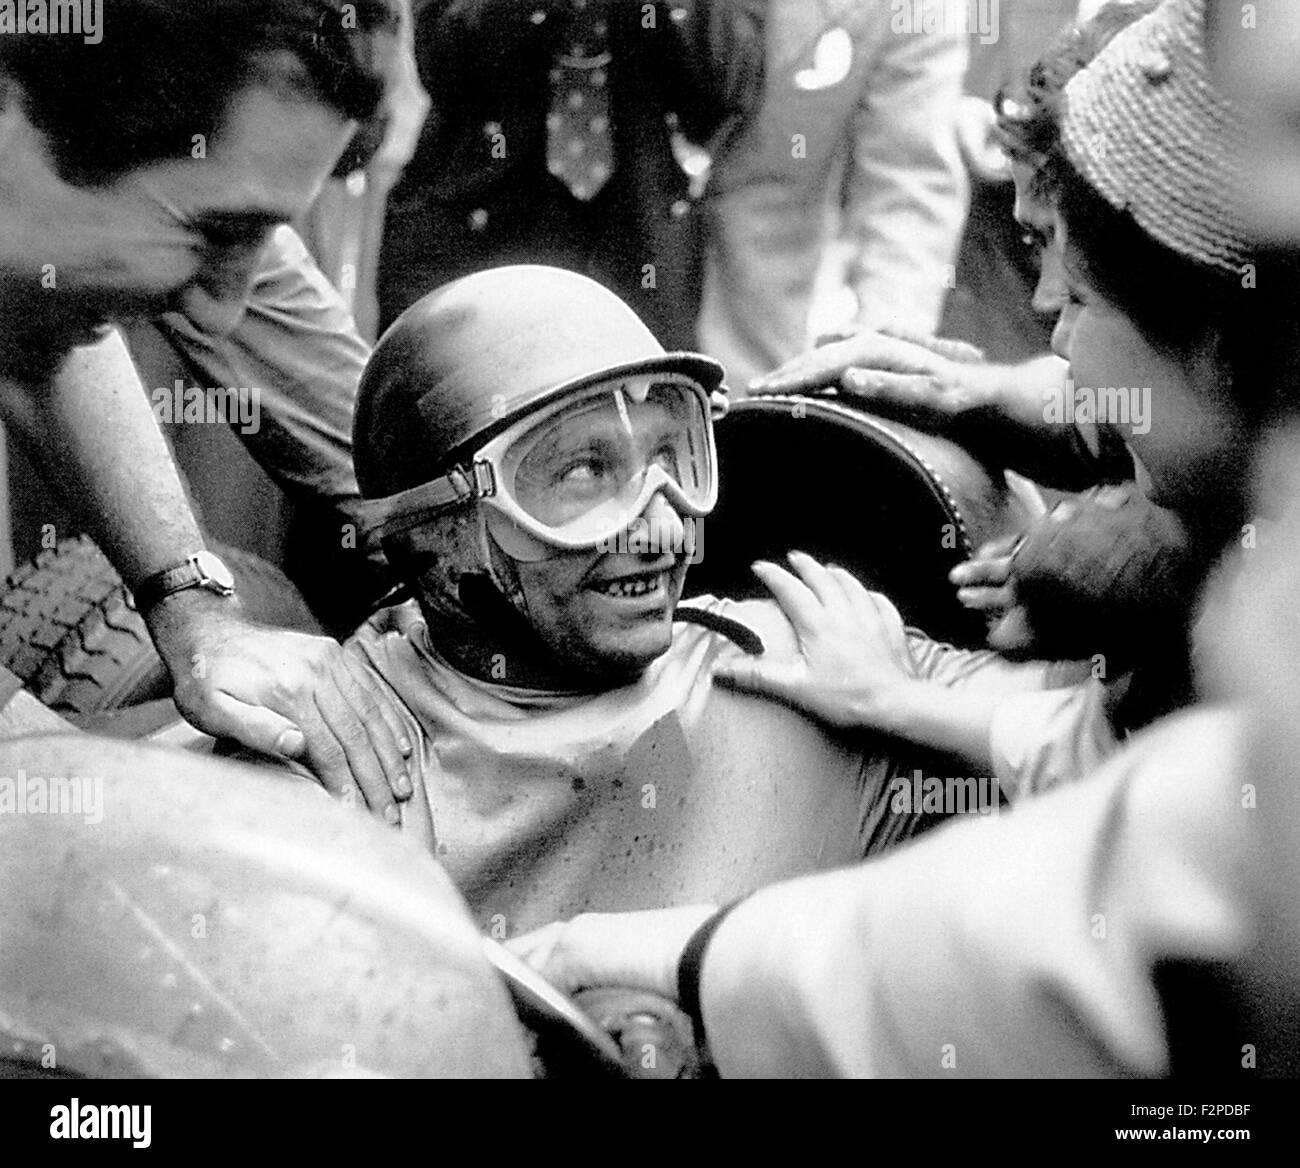 Juan Manuel Fangio Andreina et après avoir remporté un Grand Prix 1950 Photo Stock